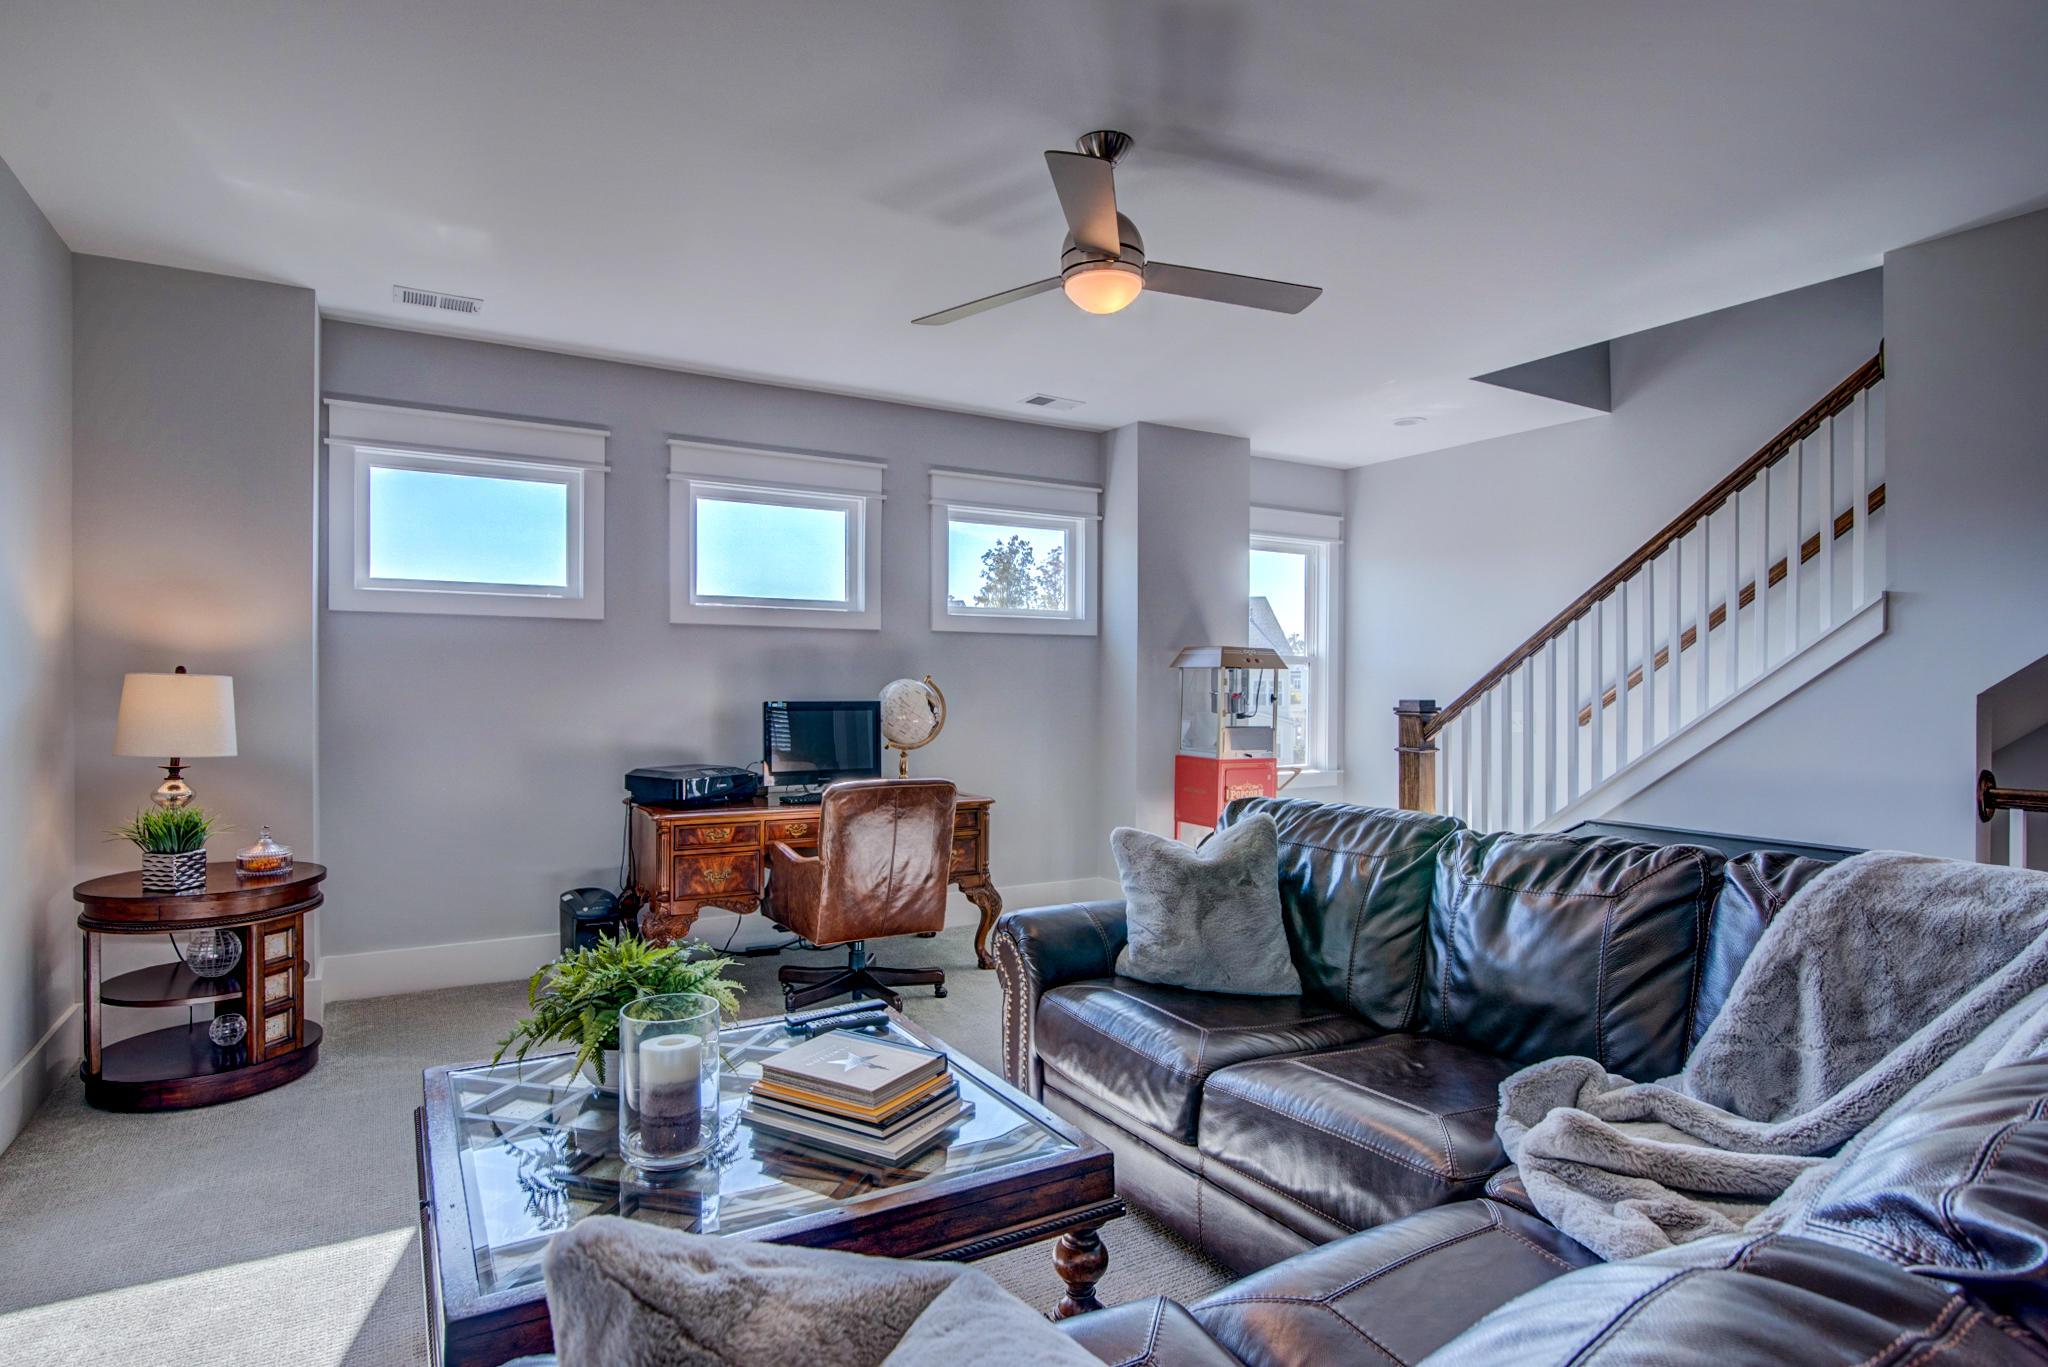 Dunes West Homes For Sale - 2883 River Vista, Mount Pleasant, SC - 25